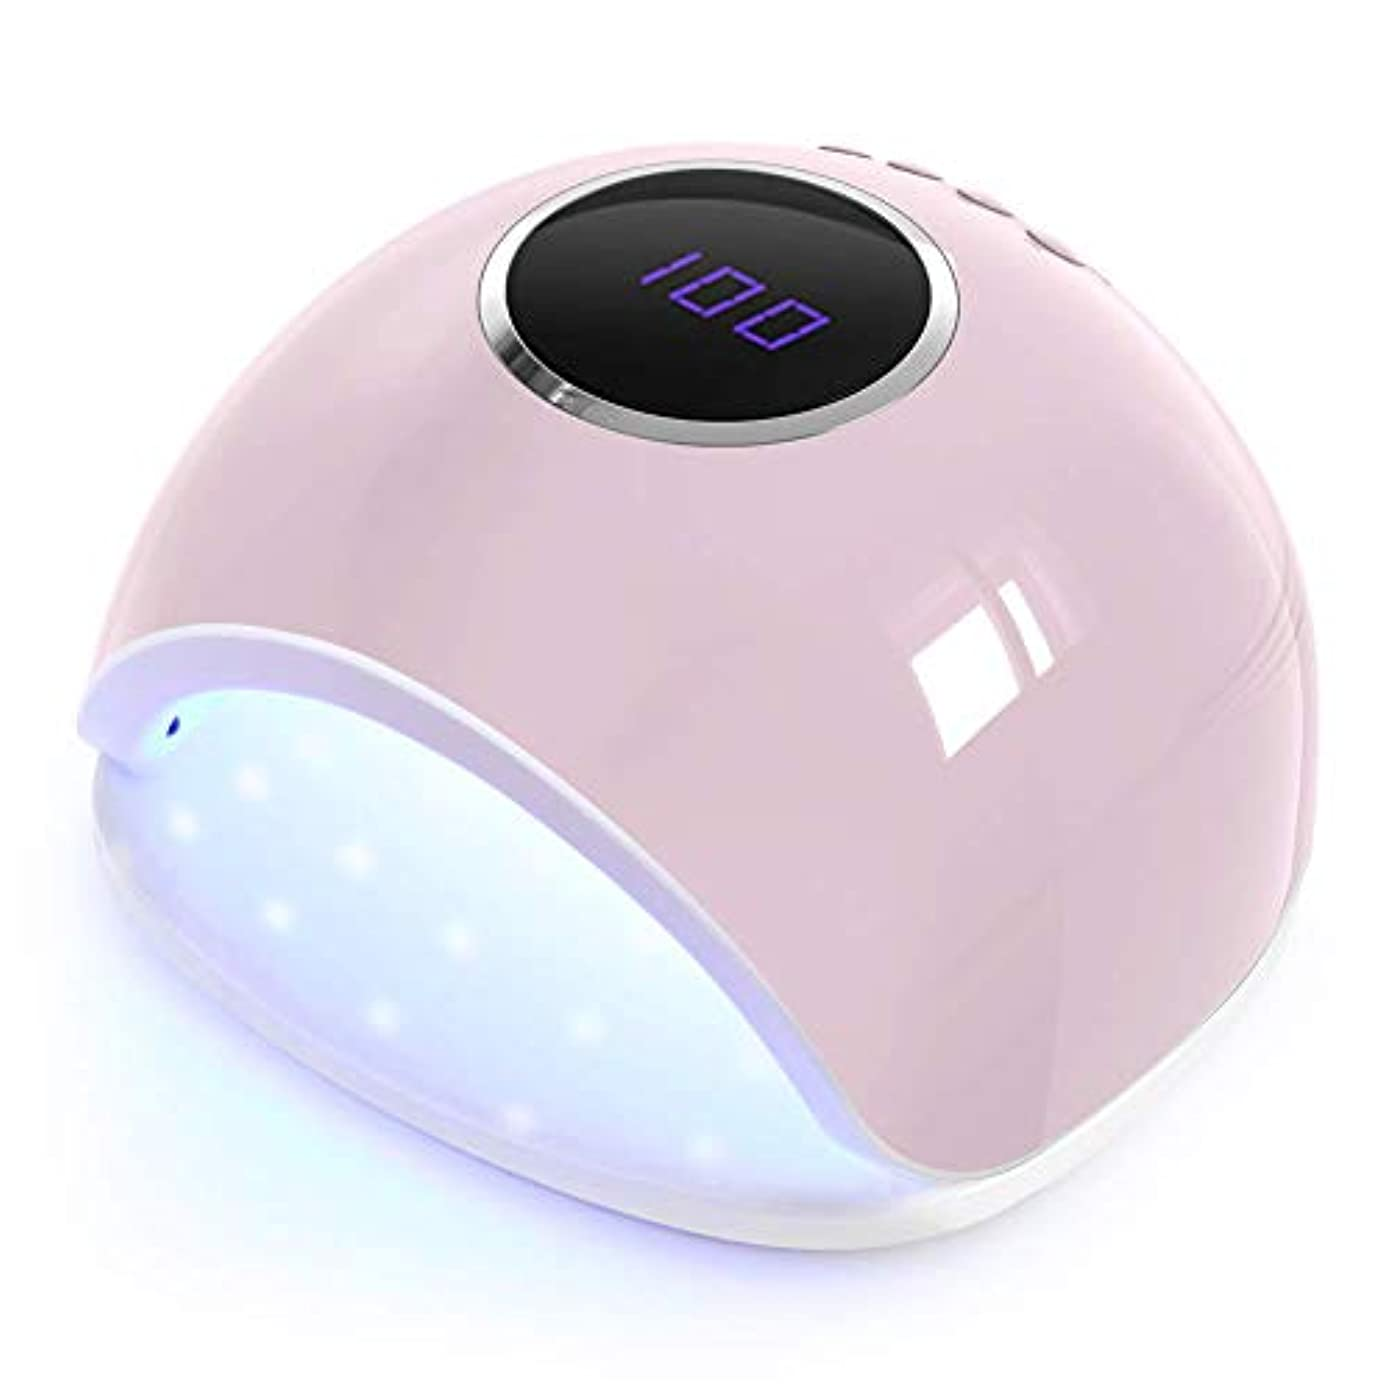 させる着る妊娠したネイルライトプロフェッショナル24ワット/ 48ワットUVランプネイル、3つのプリセットタイマー(5秒、30秒、60秒)を備えたネイルグルー自動センサー用